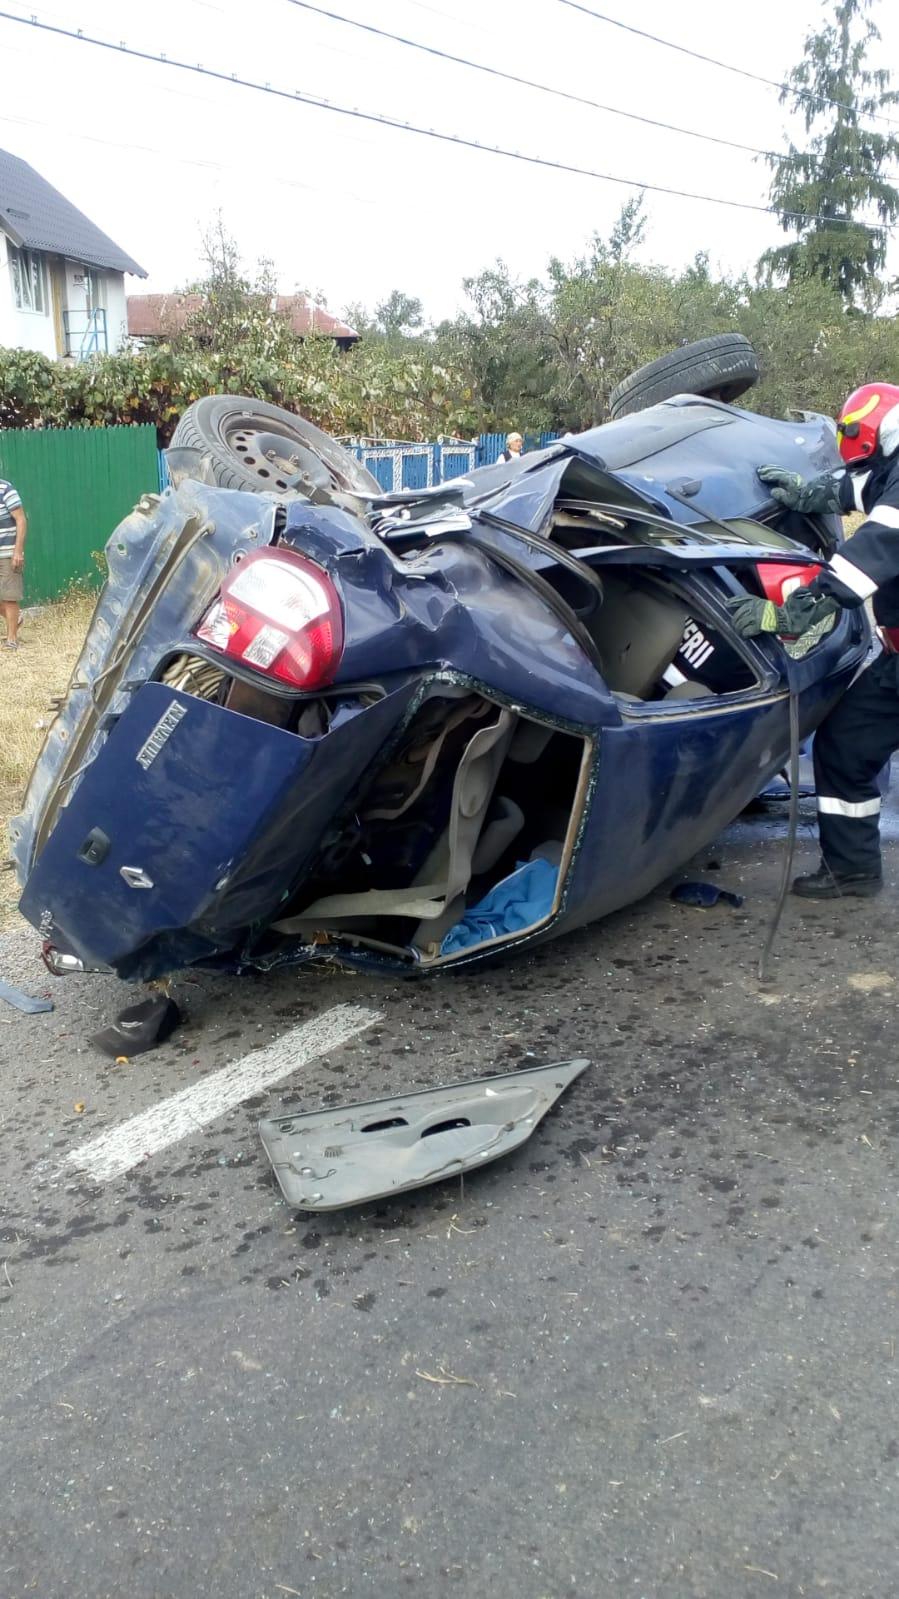 Accident grav în Argeș. Patru oameni au fost răniți, un bărbat este inconștient - VIDEO